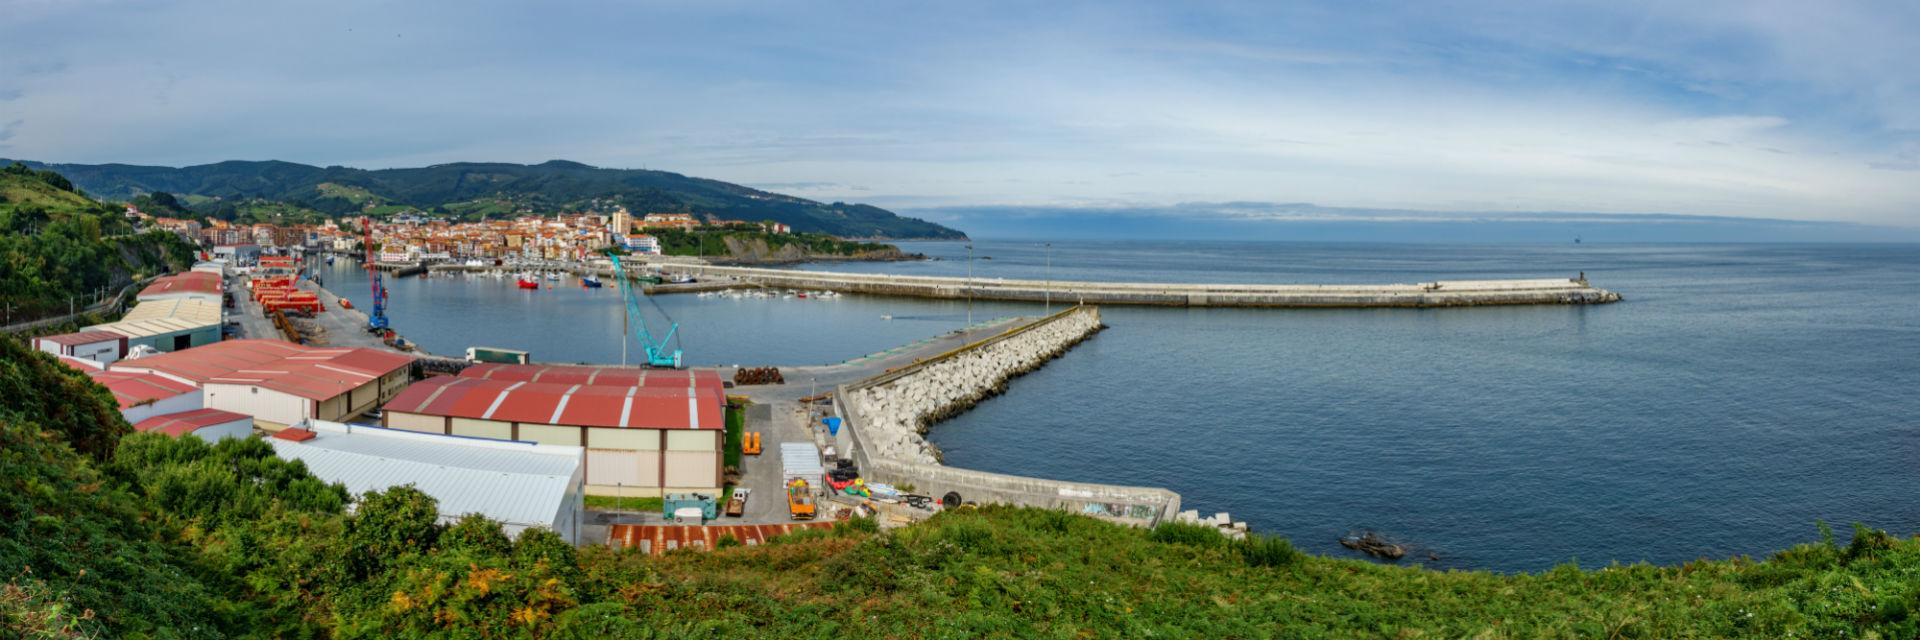 Panorámica del puerto de Bermeo